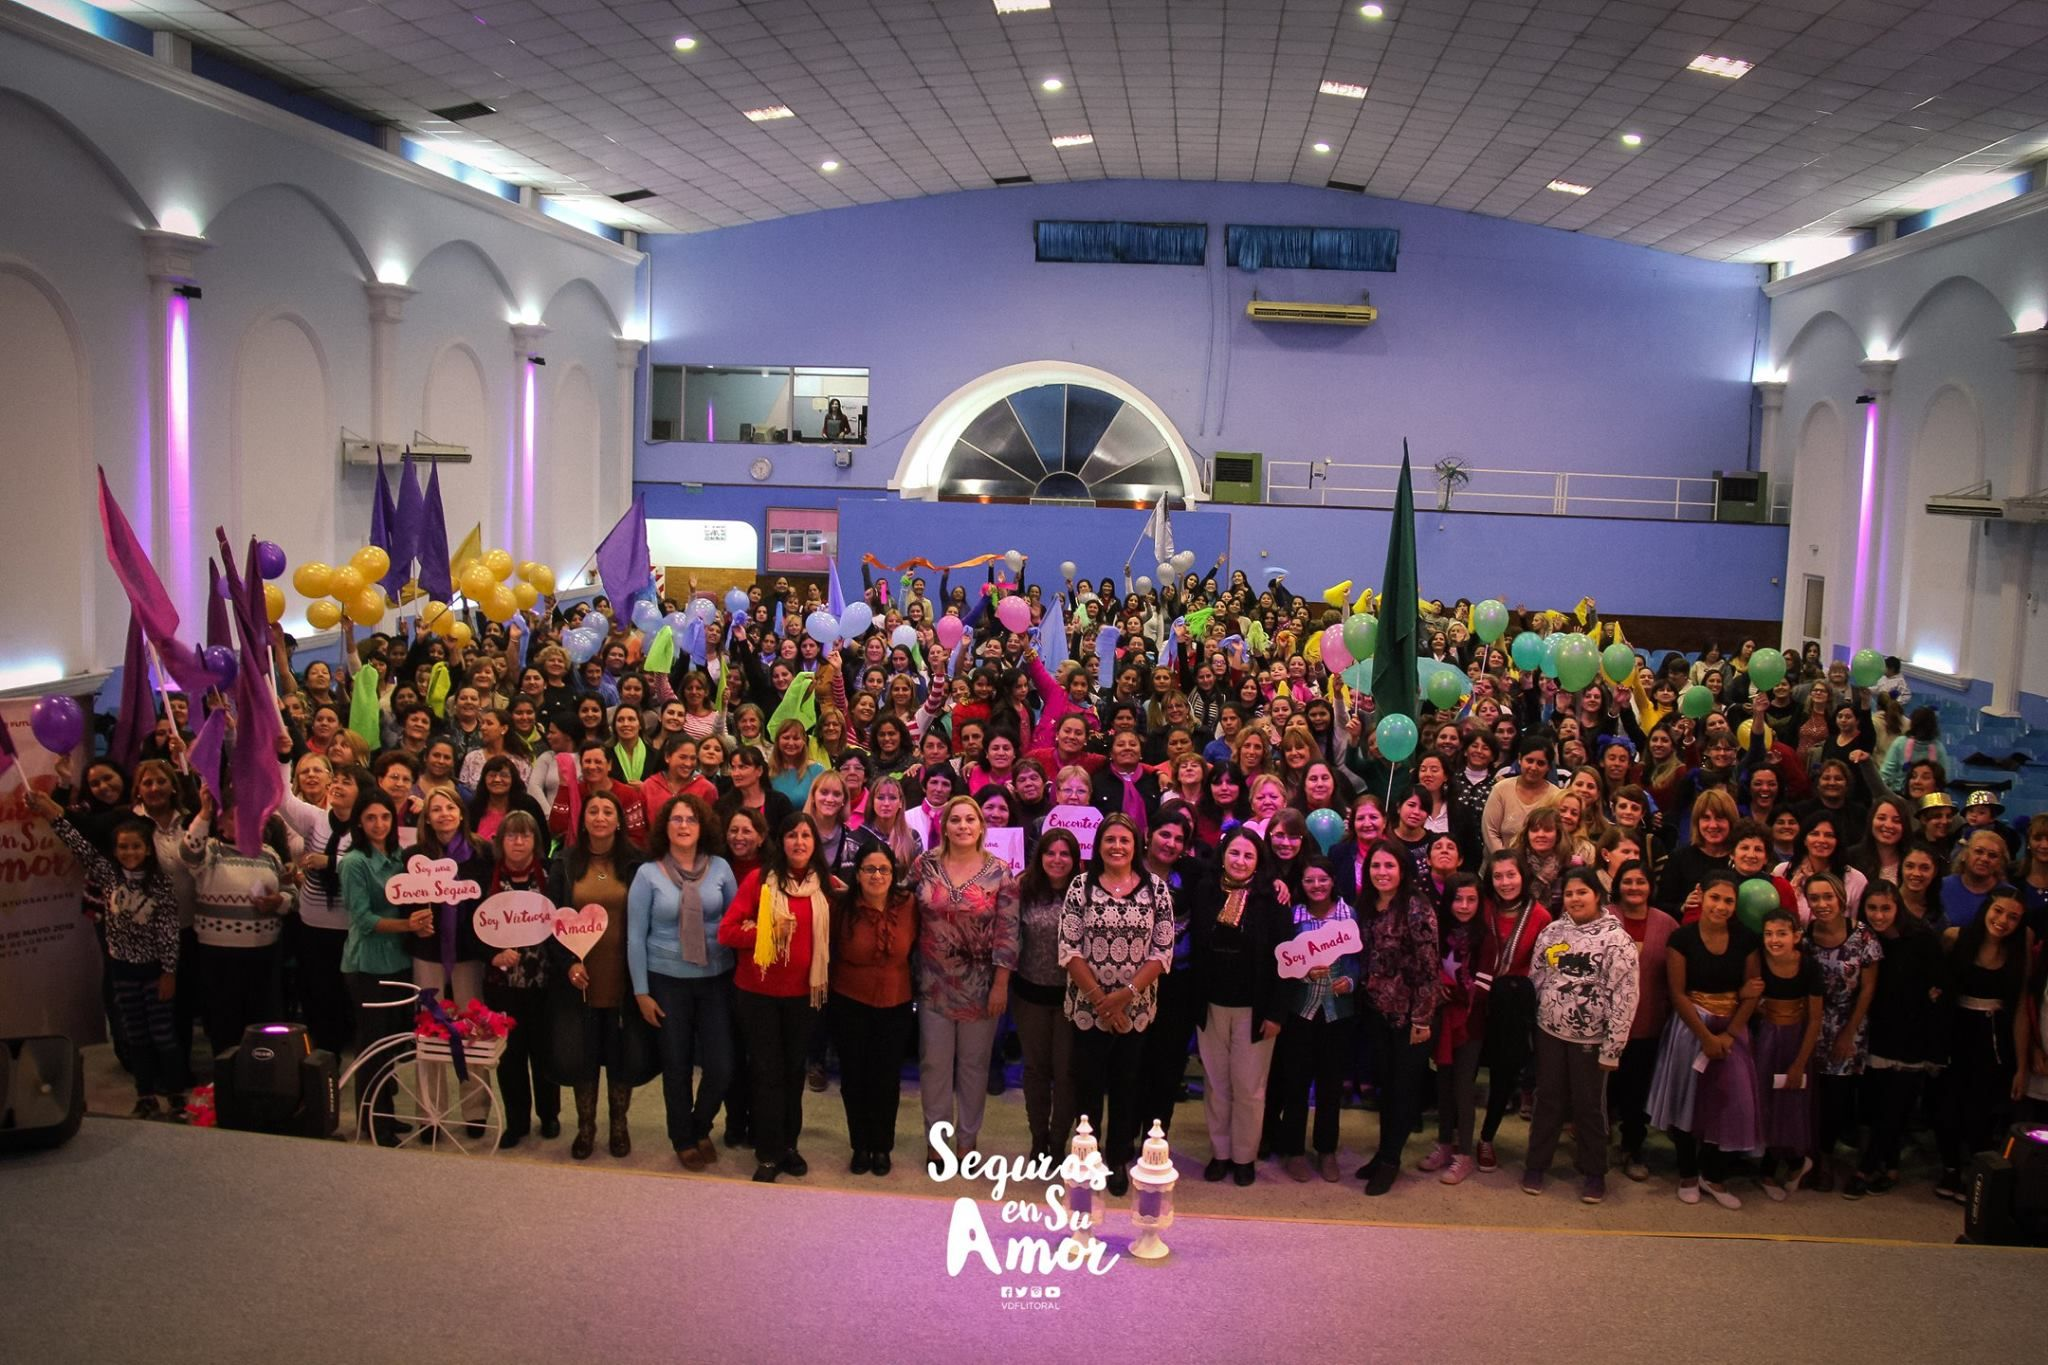 """La Iglesia Visión de futuro realizará la convención de """"Mujeres virtuosas"""" en la Estación Belgrano"""